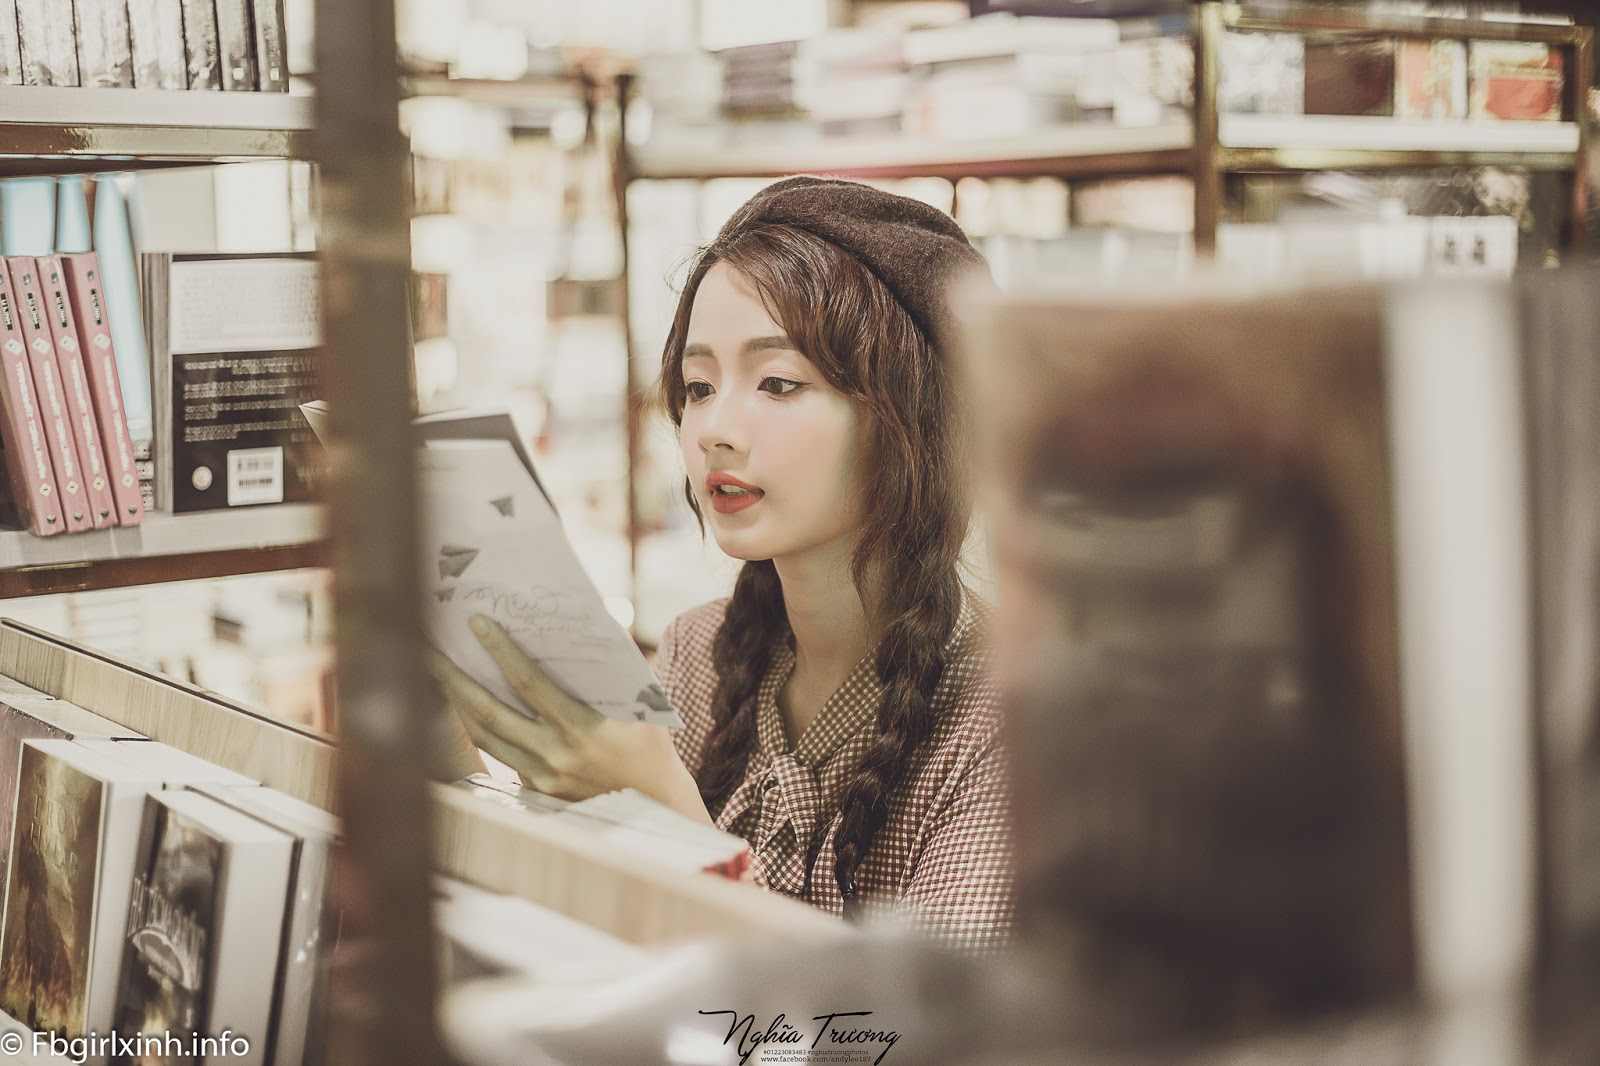 ... Vẻ đẹp búp bê của hot girl ảnh thẻ Hương Lê ...